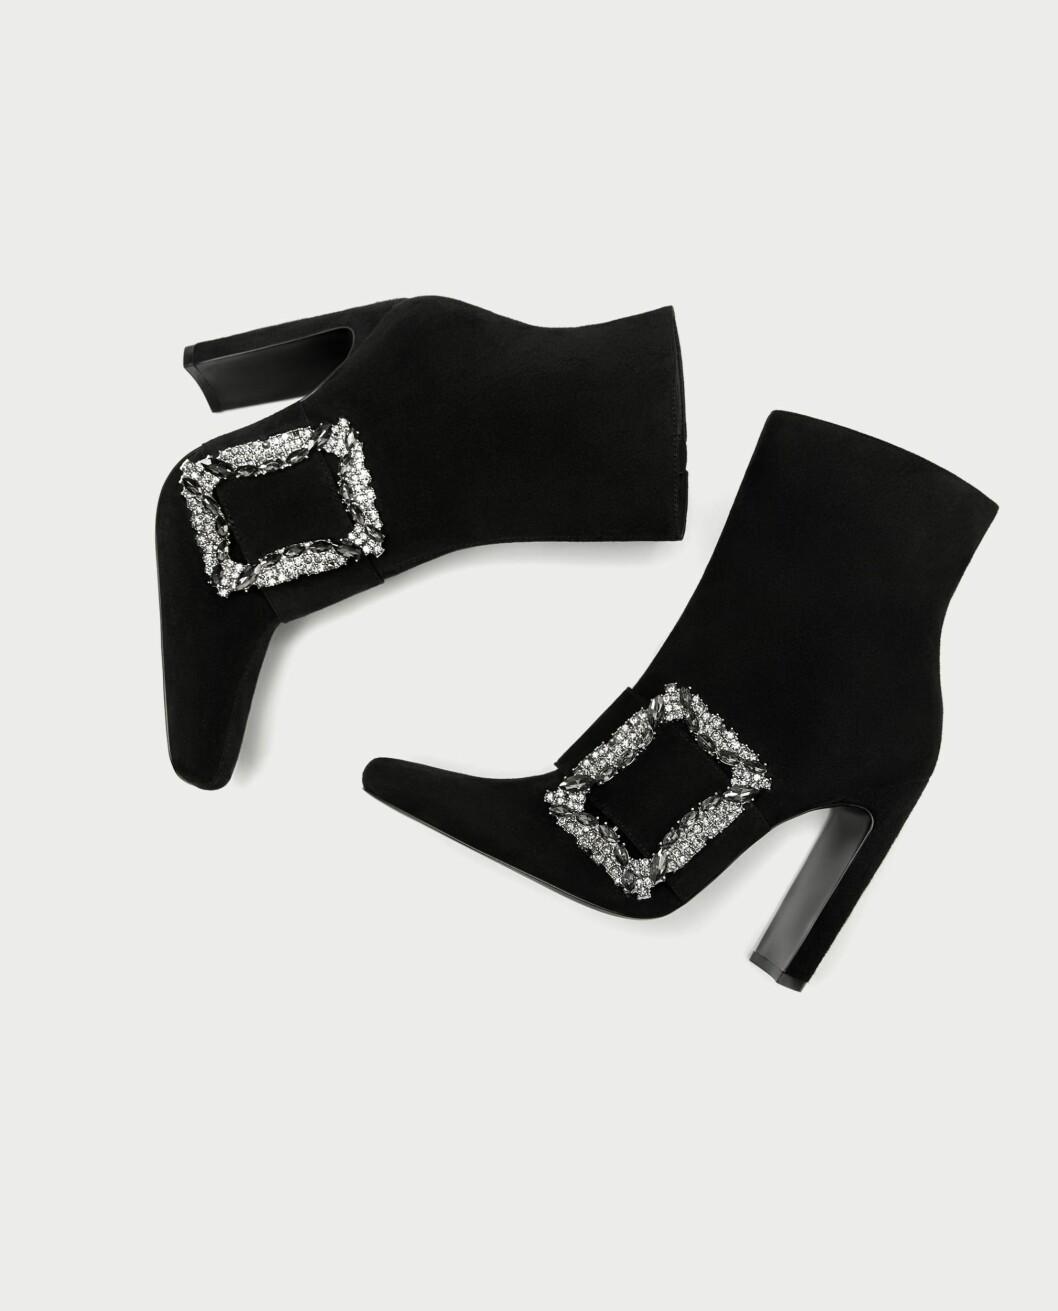 <strong>Sko fra Zara  999,-  https:</strong>//www.zara.com/no/no/h%C3%B8yh%C3%A6lt-skolett-med-spenne-p17145201.html?v1=4872033&v2=526501